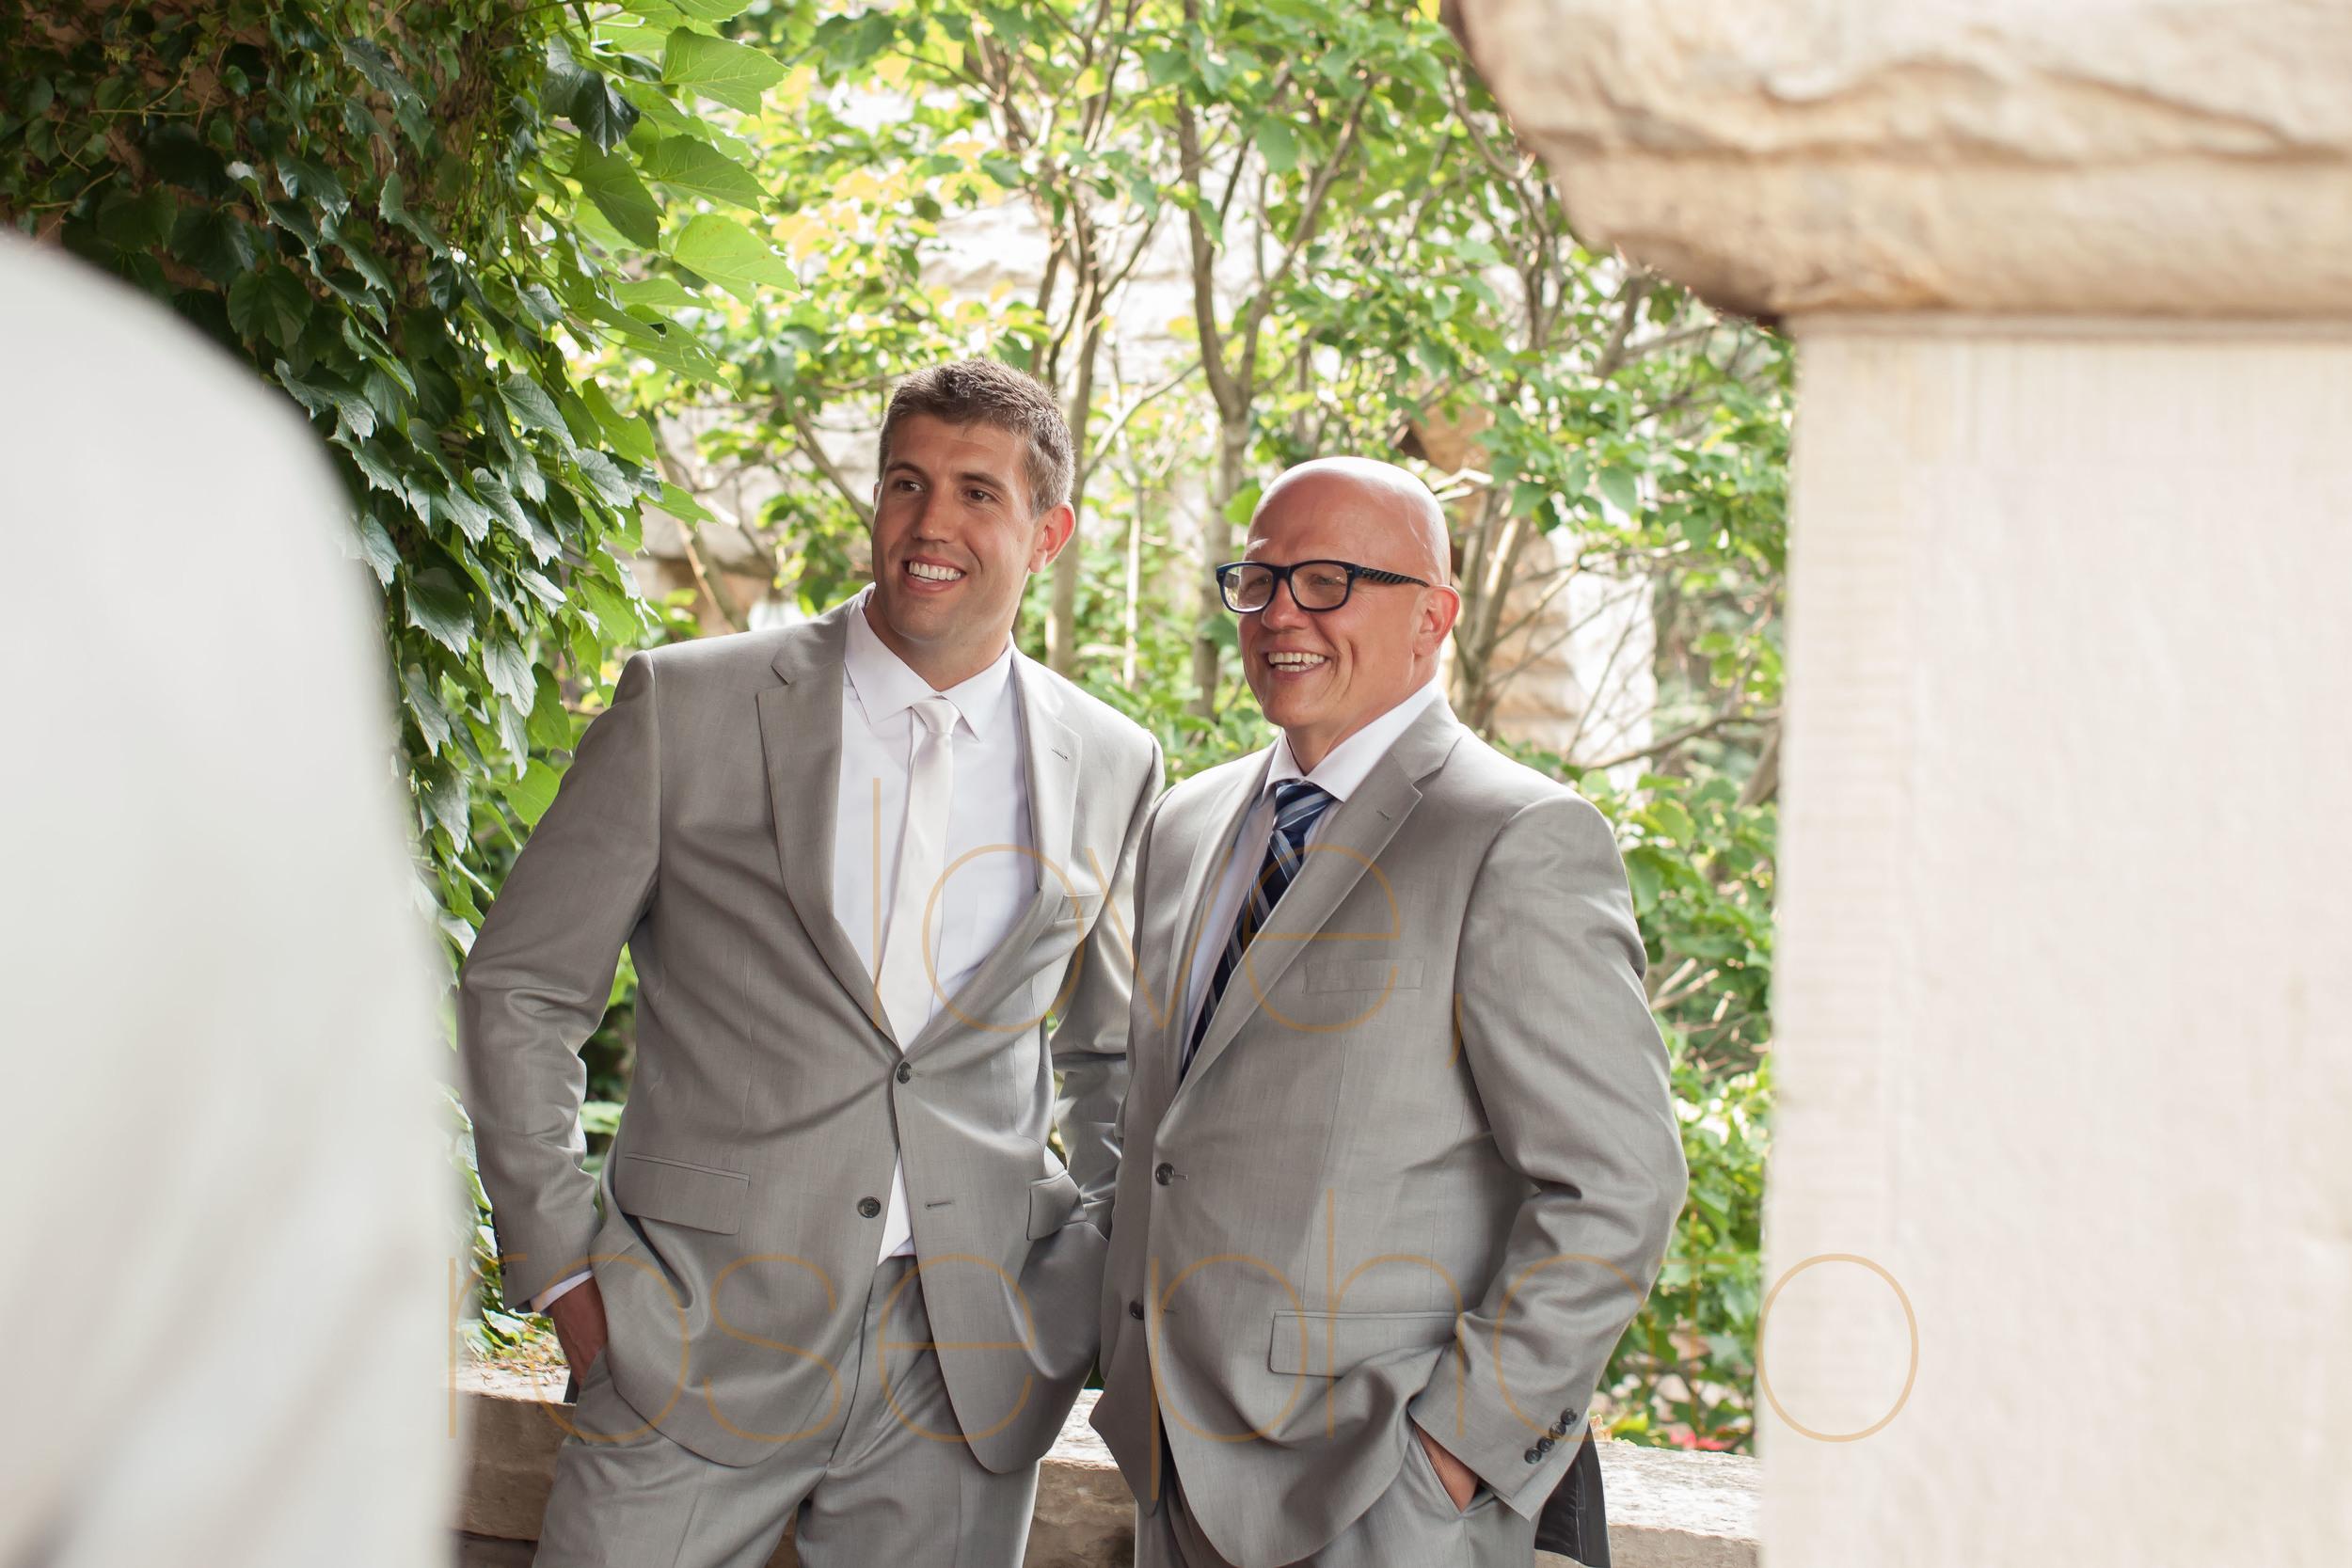 ellen + bryan chicago wedding joliet james healy mansion portrait lifestyle photojournalist photographer -008.jpg